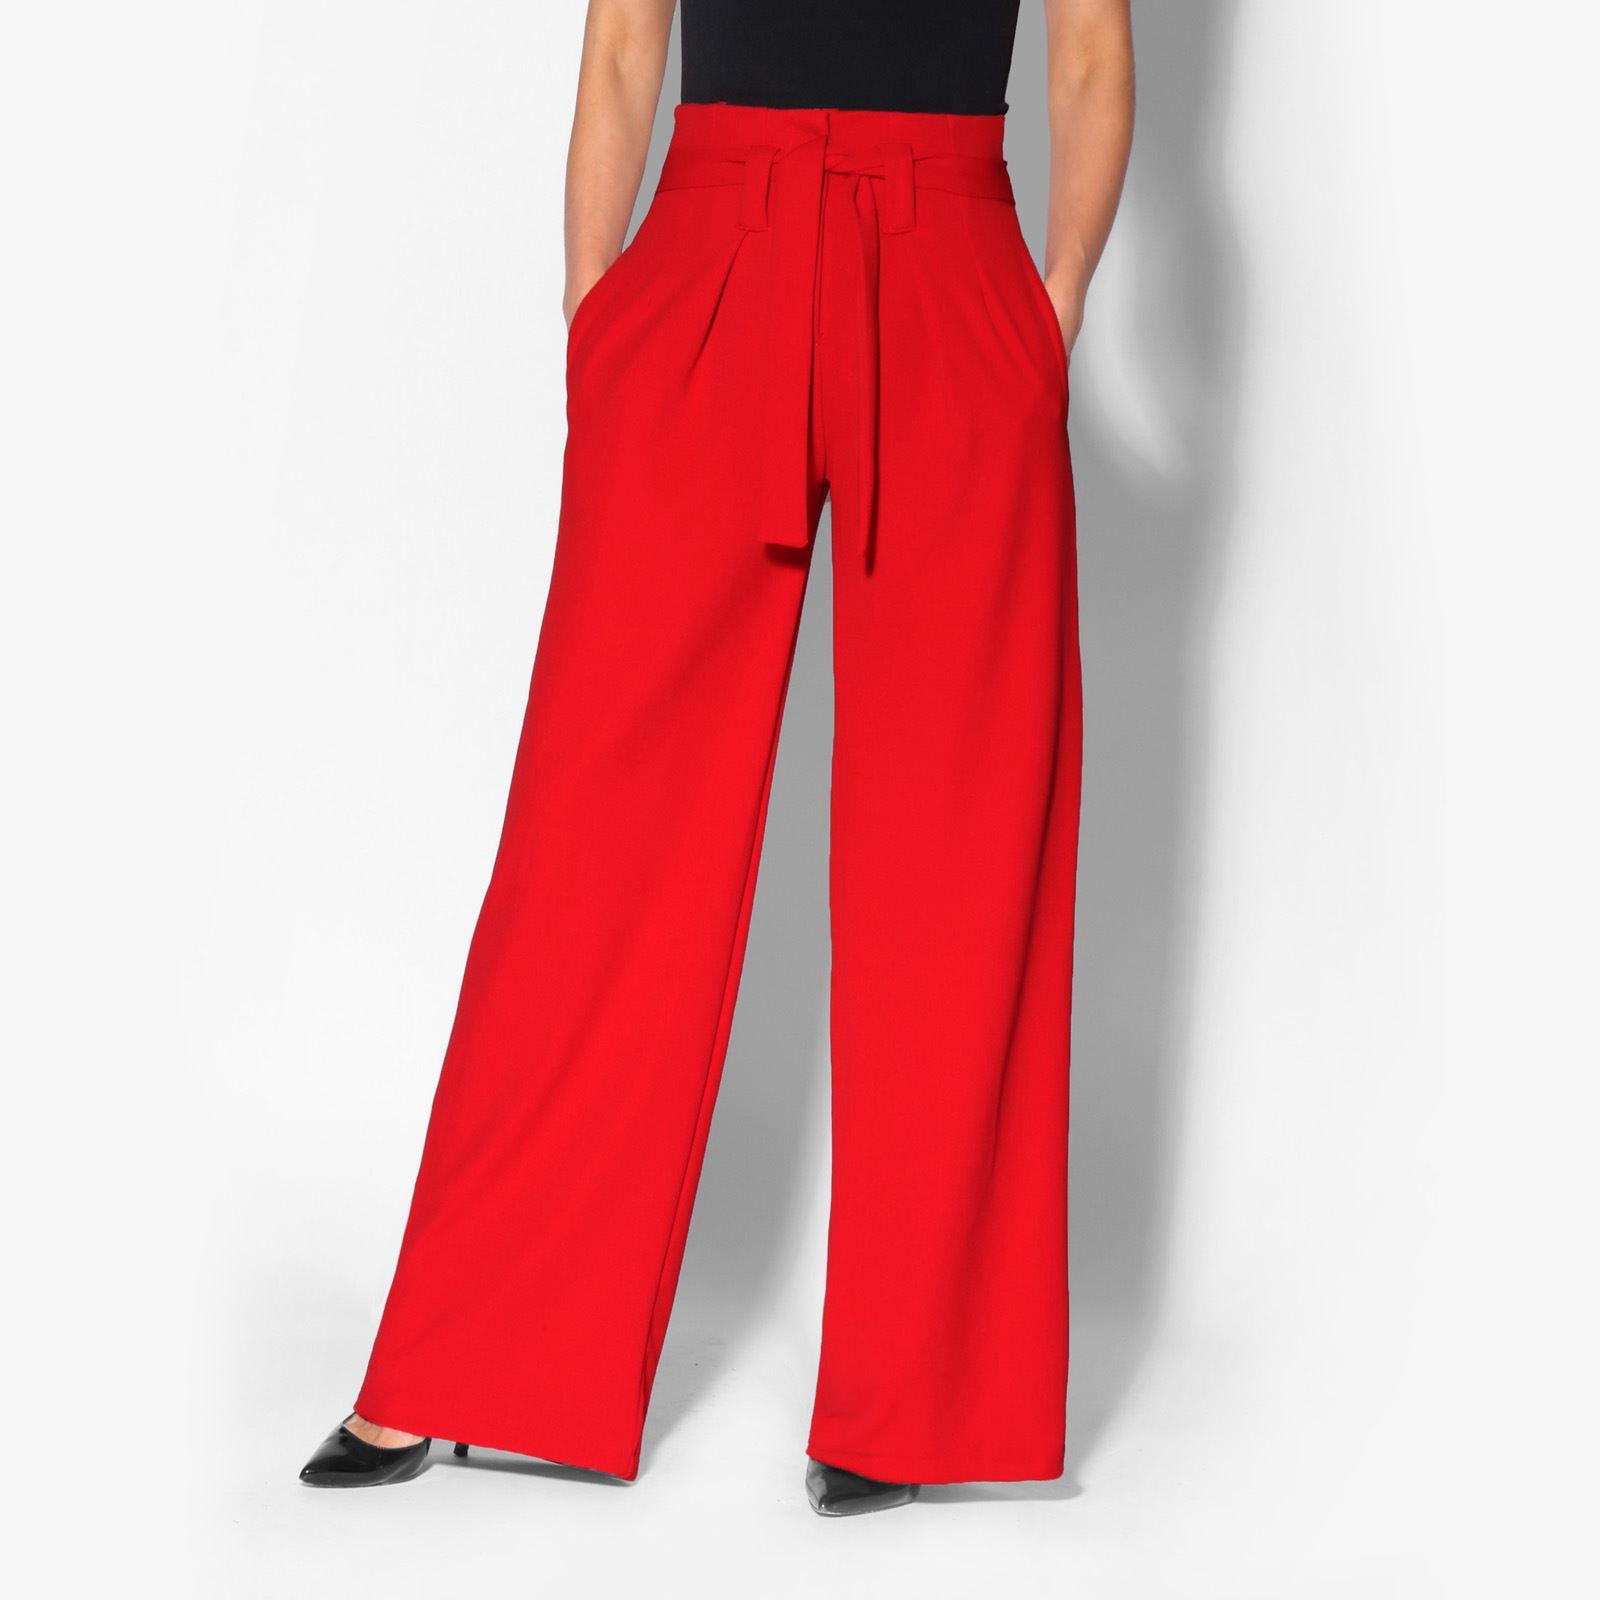 Pantalon-Femme-Grande-Taille-Ceinture-Haute-Pas-Cher-Evase-Fluide-Chic-Ample miniature 6